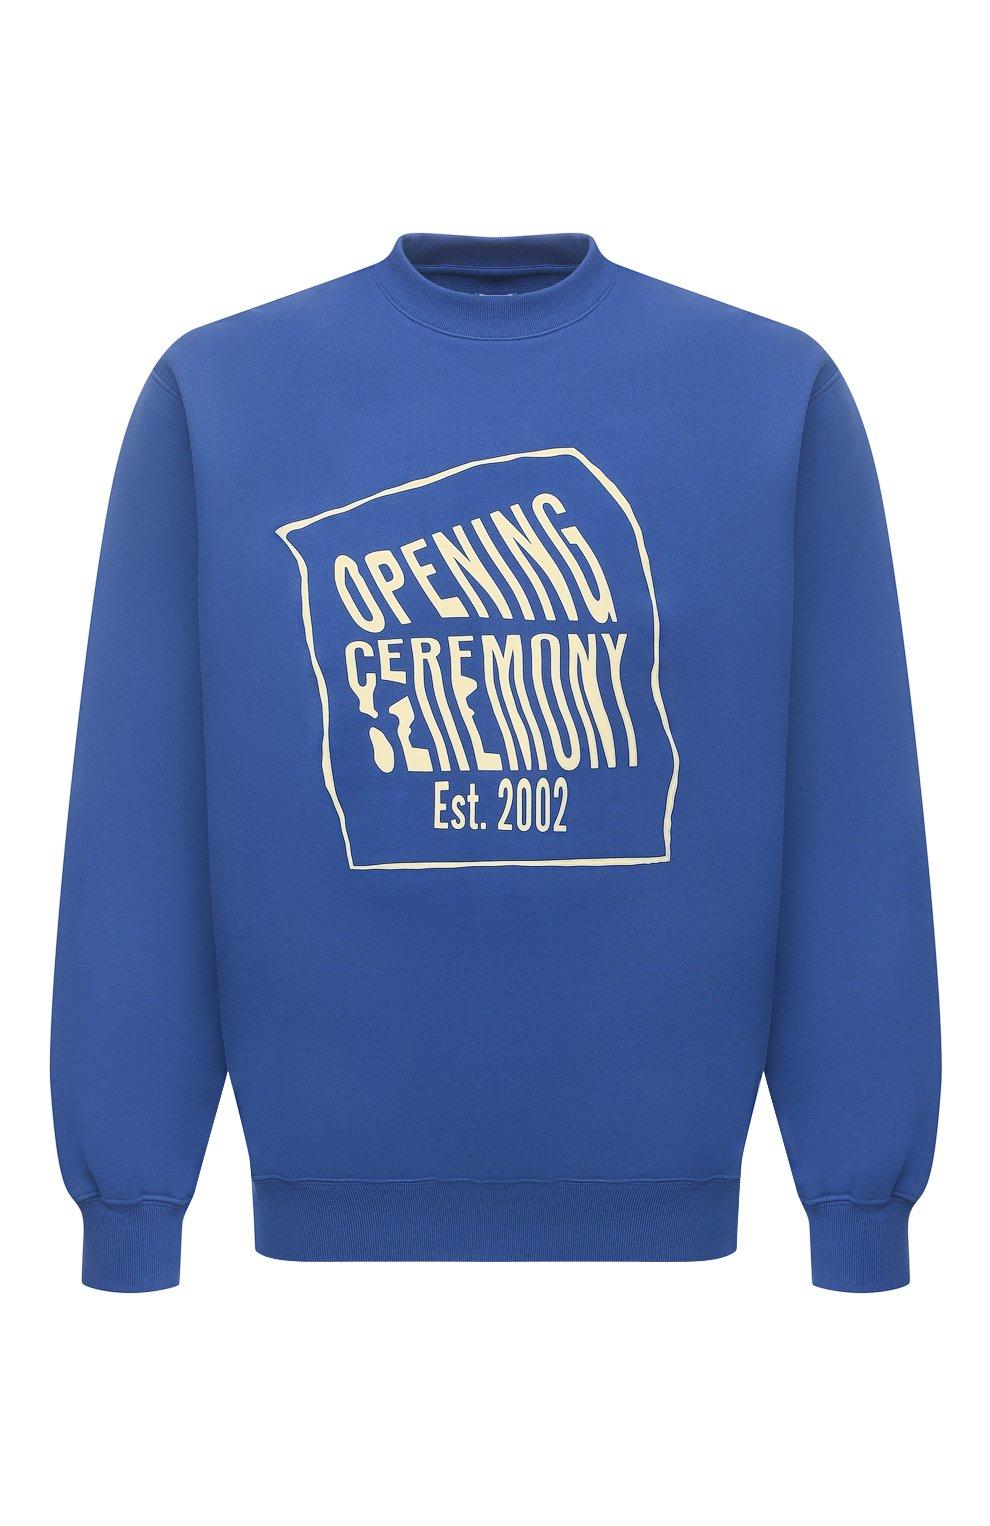 Мужской хлопковый свитшот OPENING CEREMONY синего цвета, арт. YMBA003S21FLE001 | Фото 1 (Рукава: Длинные; Длина (для топов): Стандартные; Стили: Гранж; Принт: С принтом; Мужское Кросс-КТ: свитшот-одежда; Материал внешний: Хлопок)